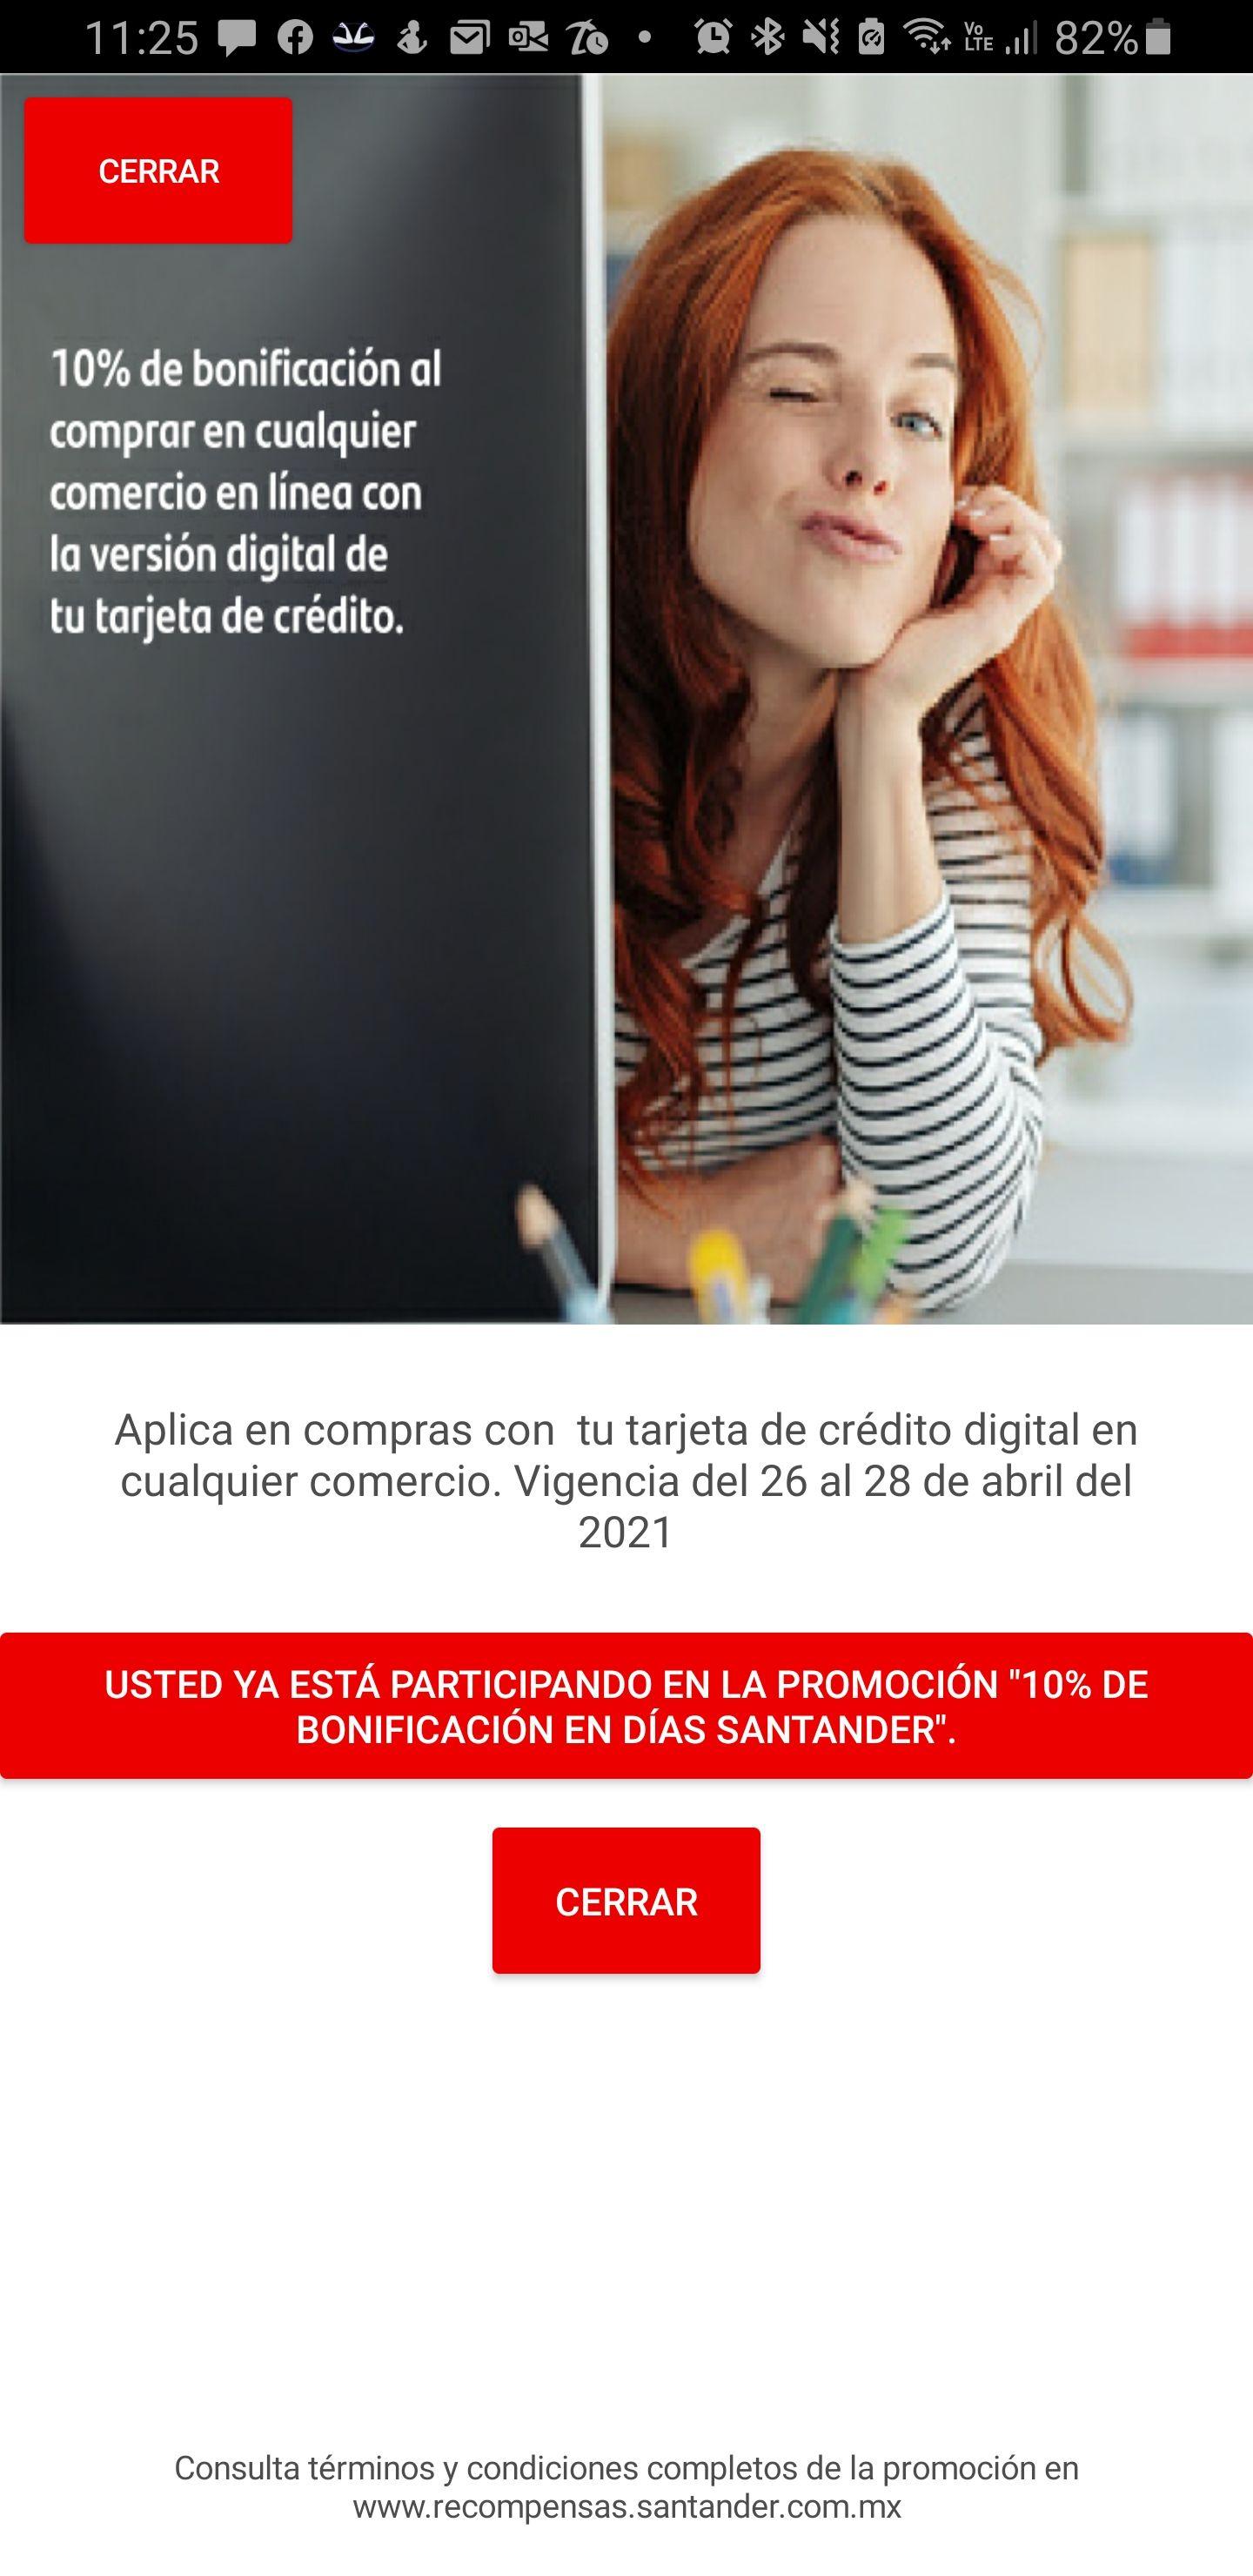 Días Santander 10% de bonificación